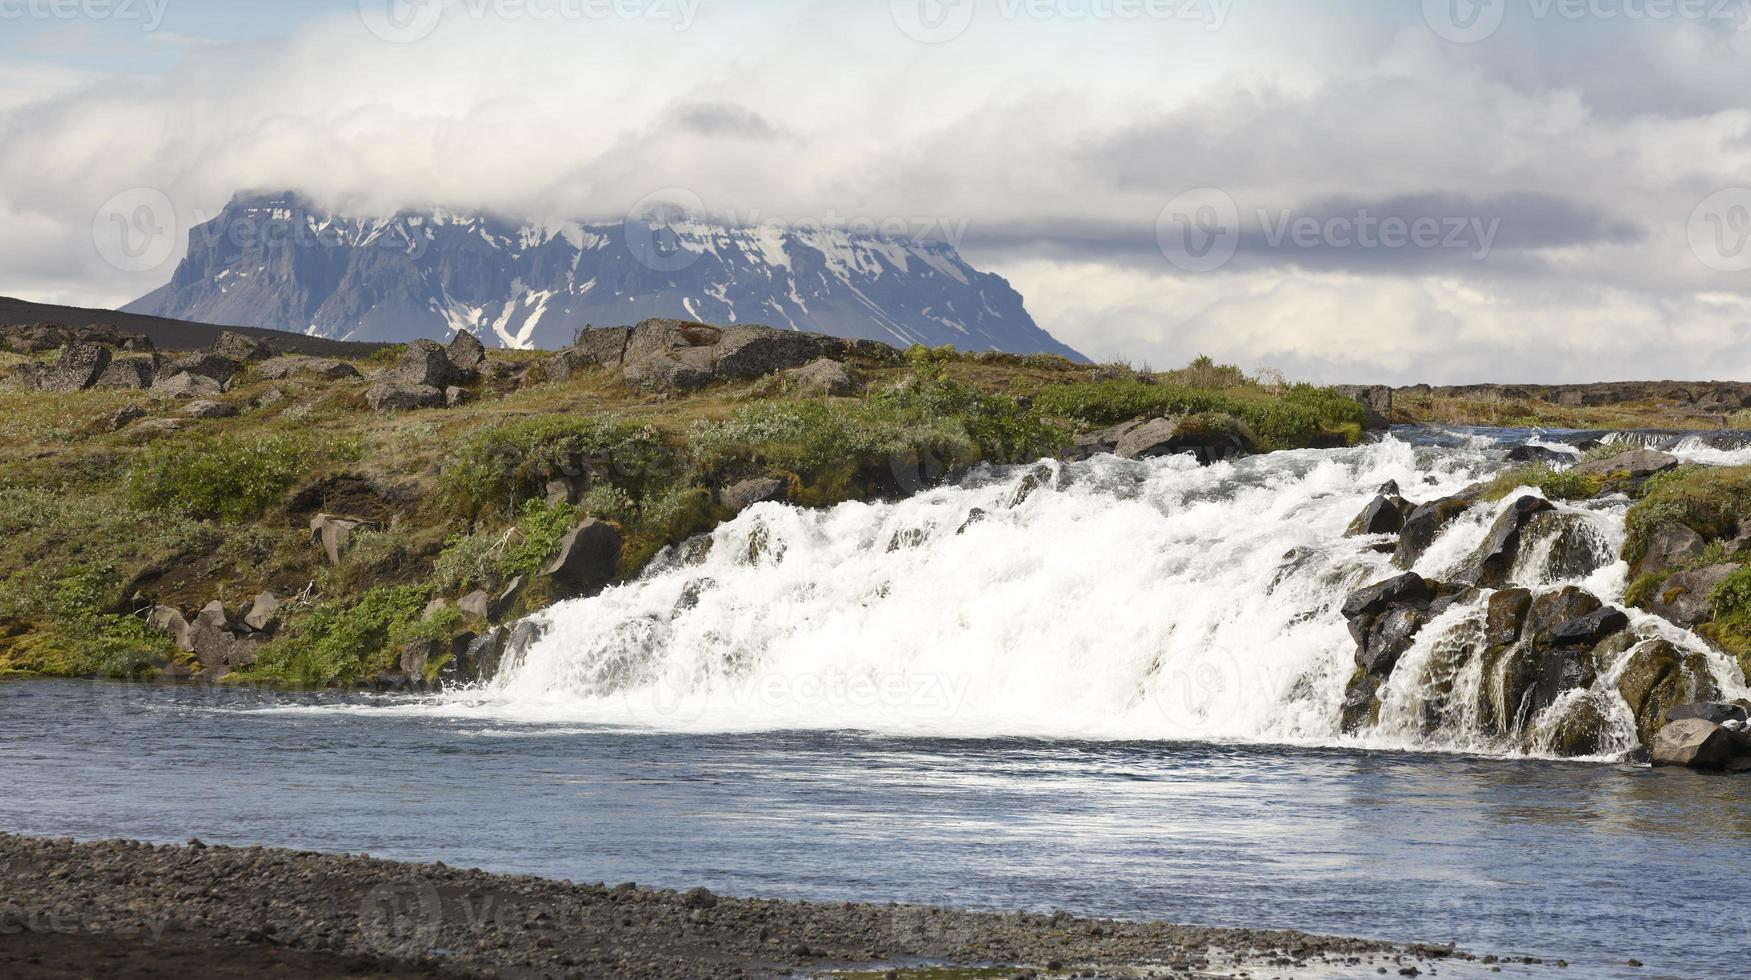 Islândia. montanha herdubreid. região das terras altas. estrada f88. foto